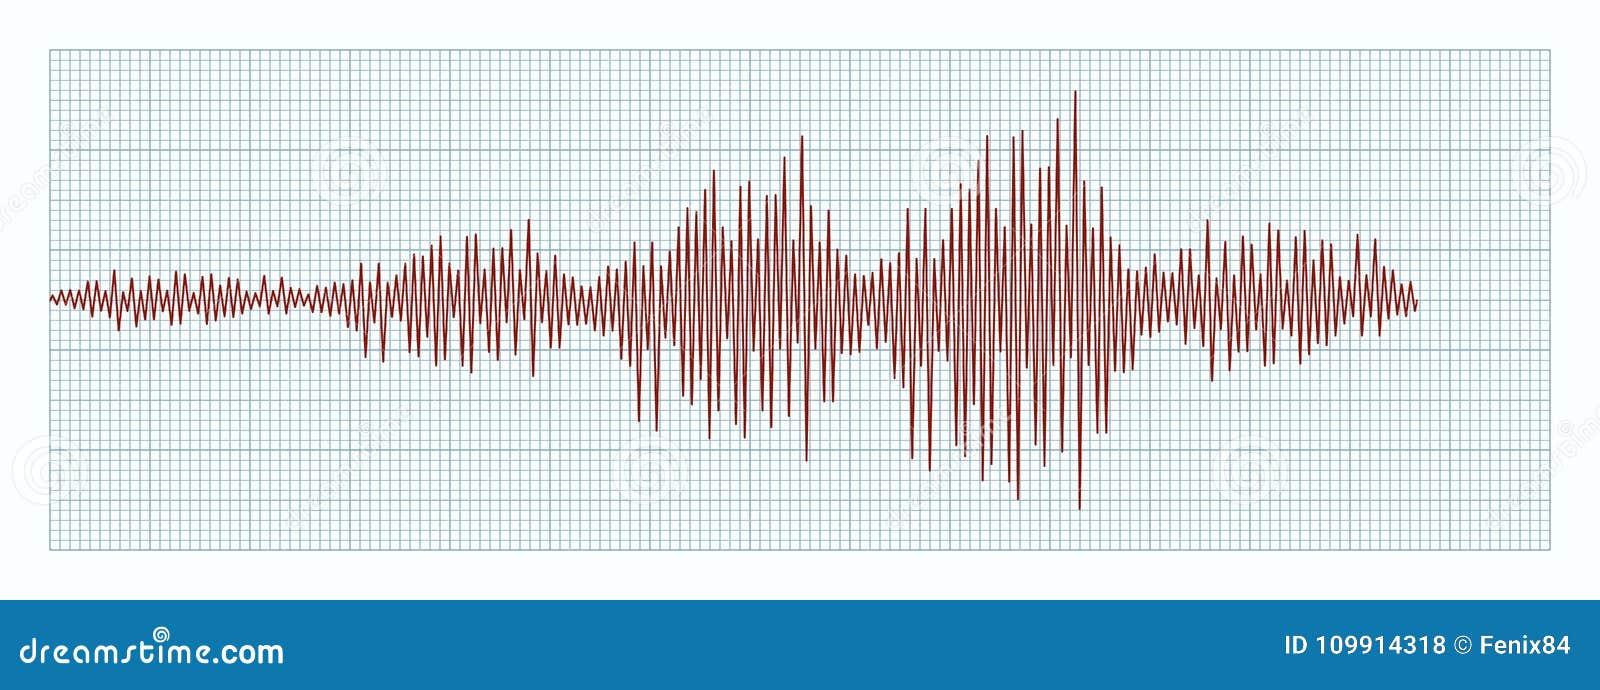 Diagramm Von Erdbeben, Konzept Der Seismischer Aktivität Vektor ...